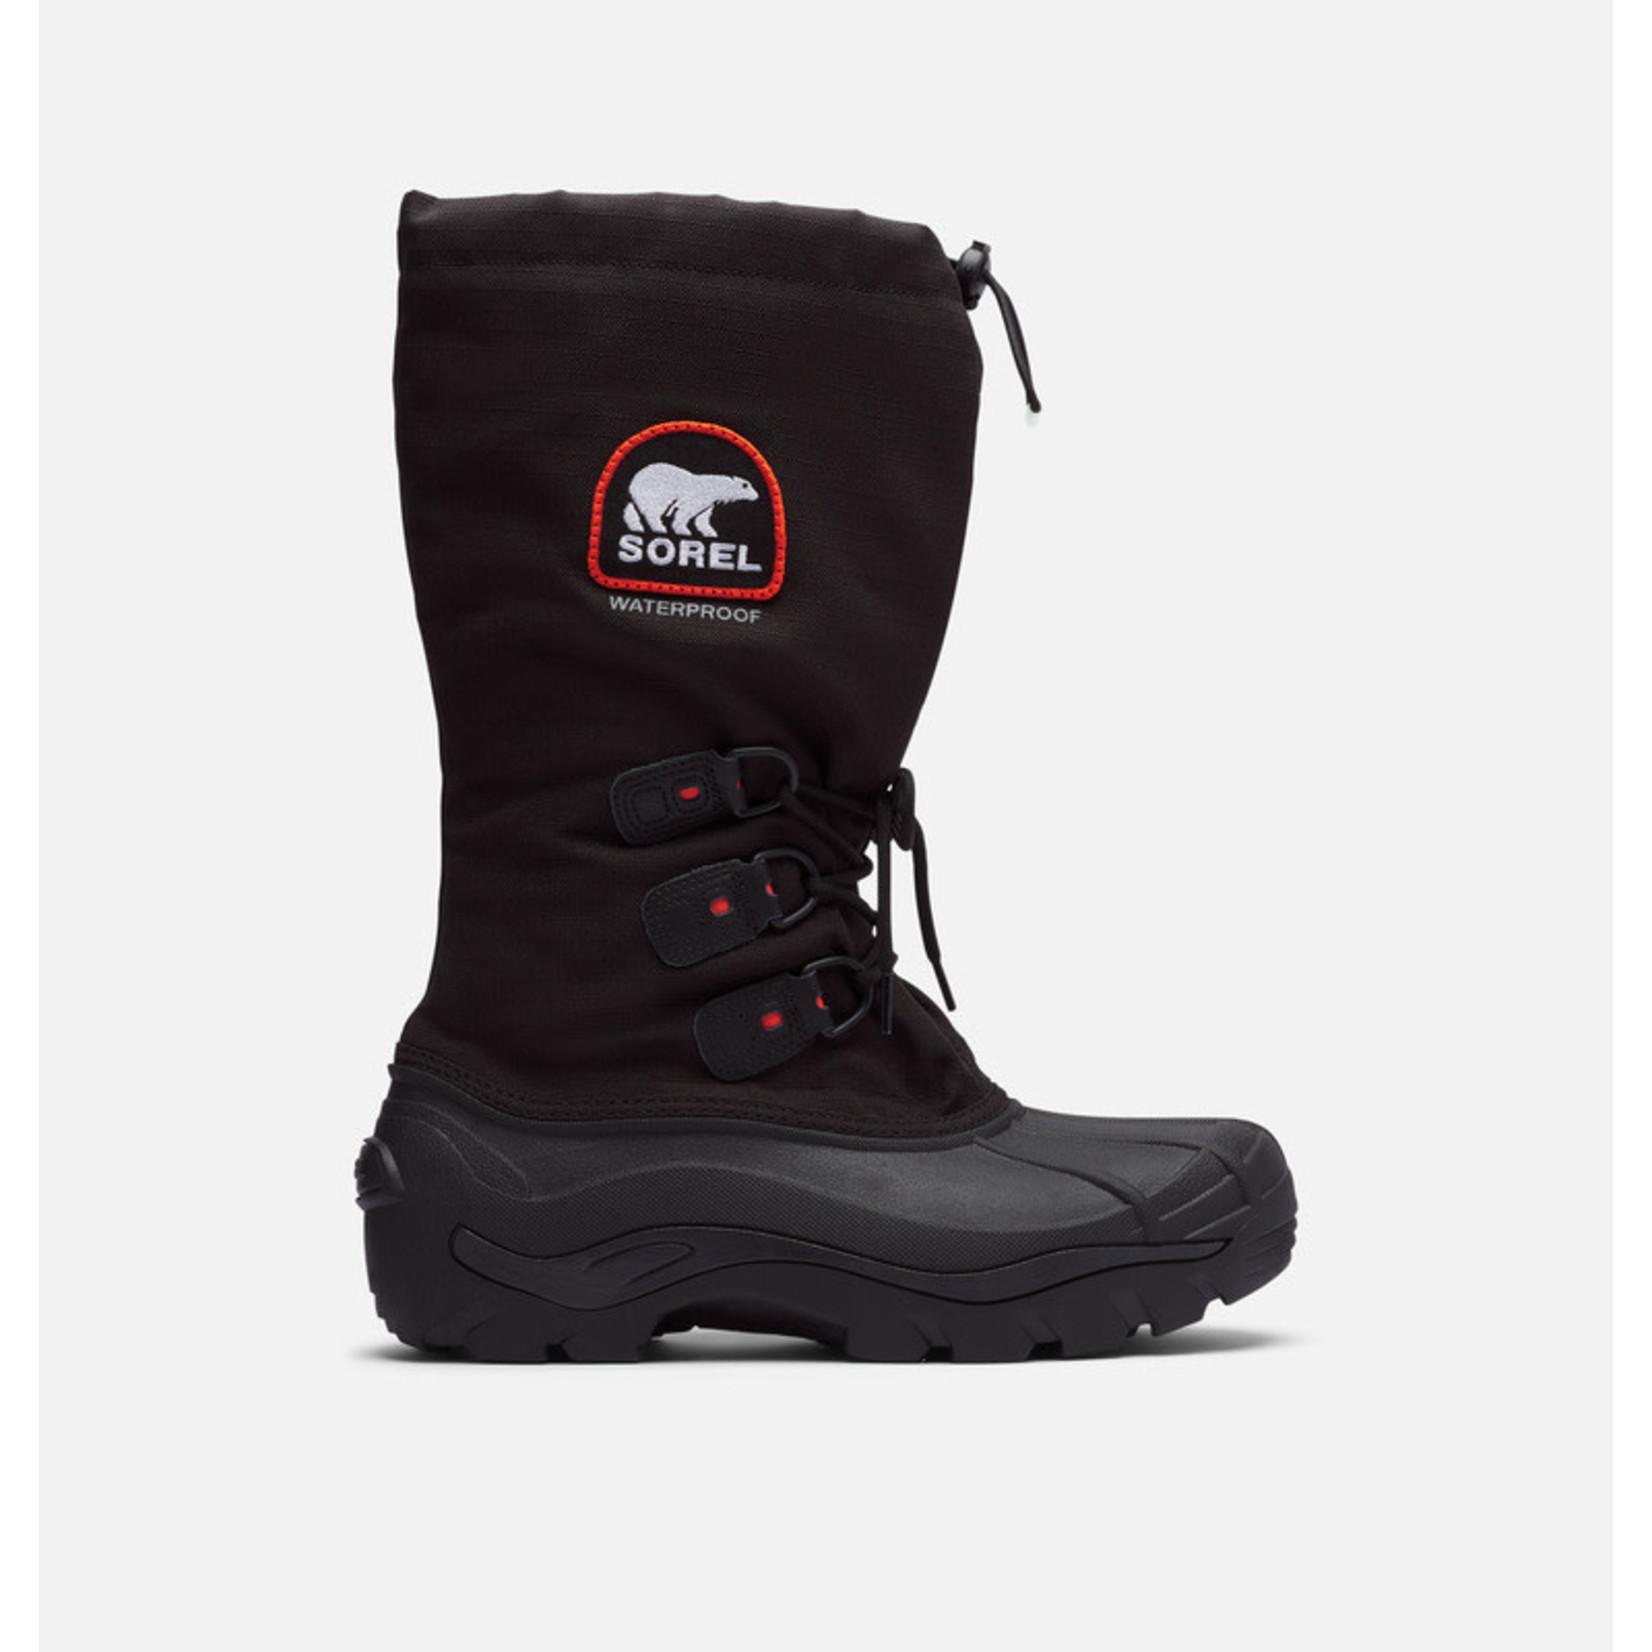 Sorel Sorel Boots, Blizzard XT WP, Mens